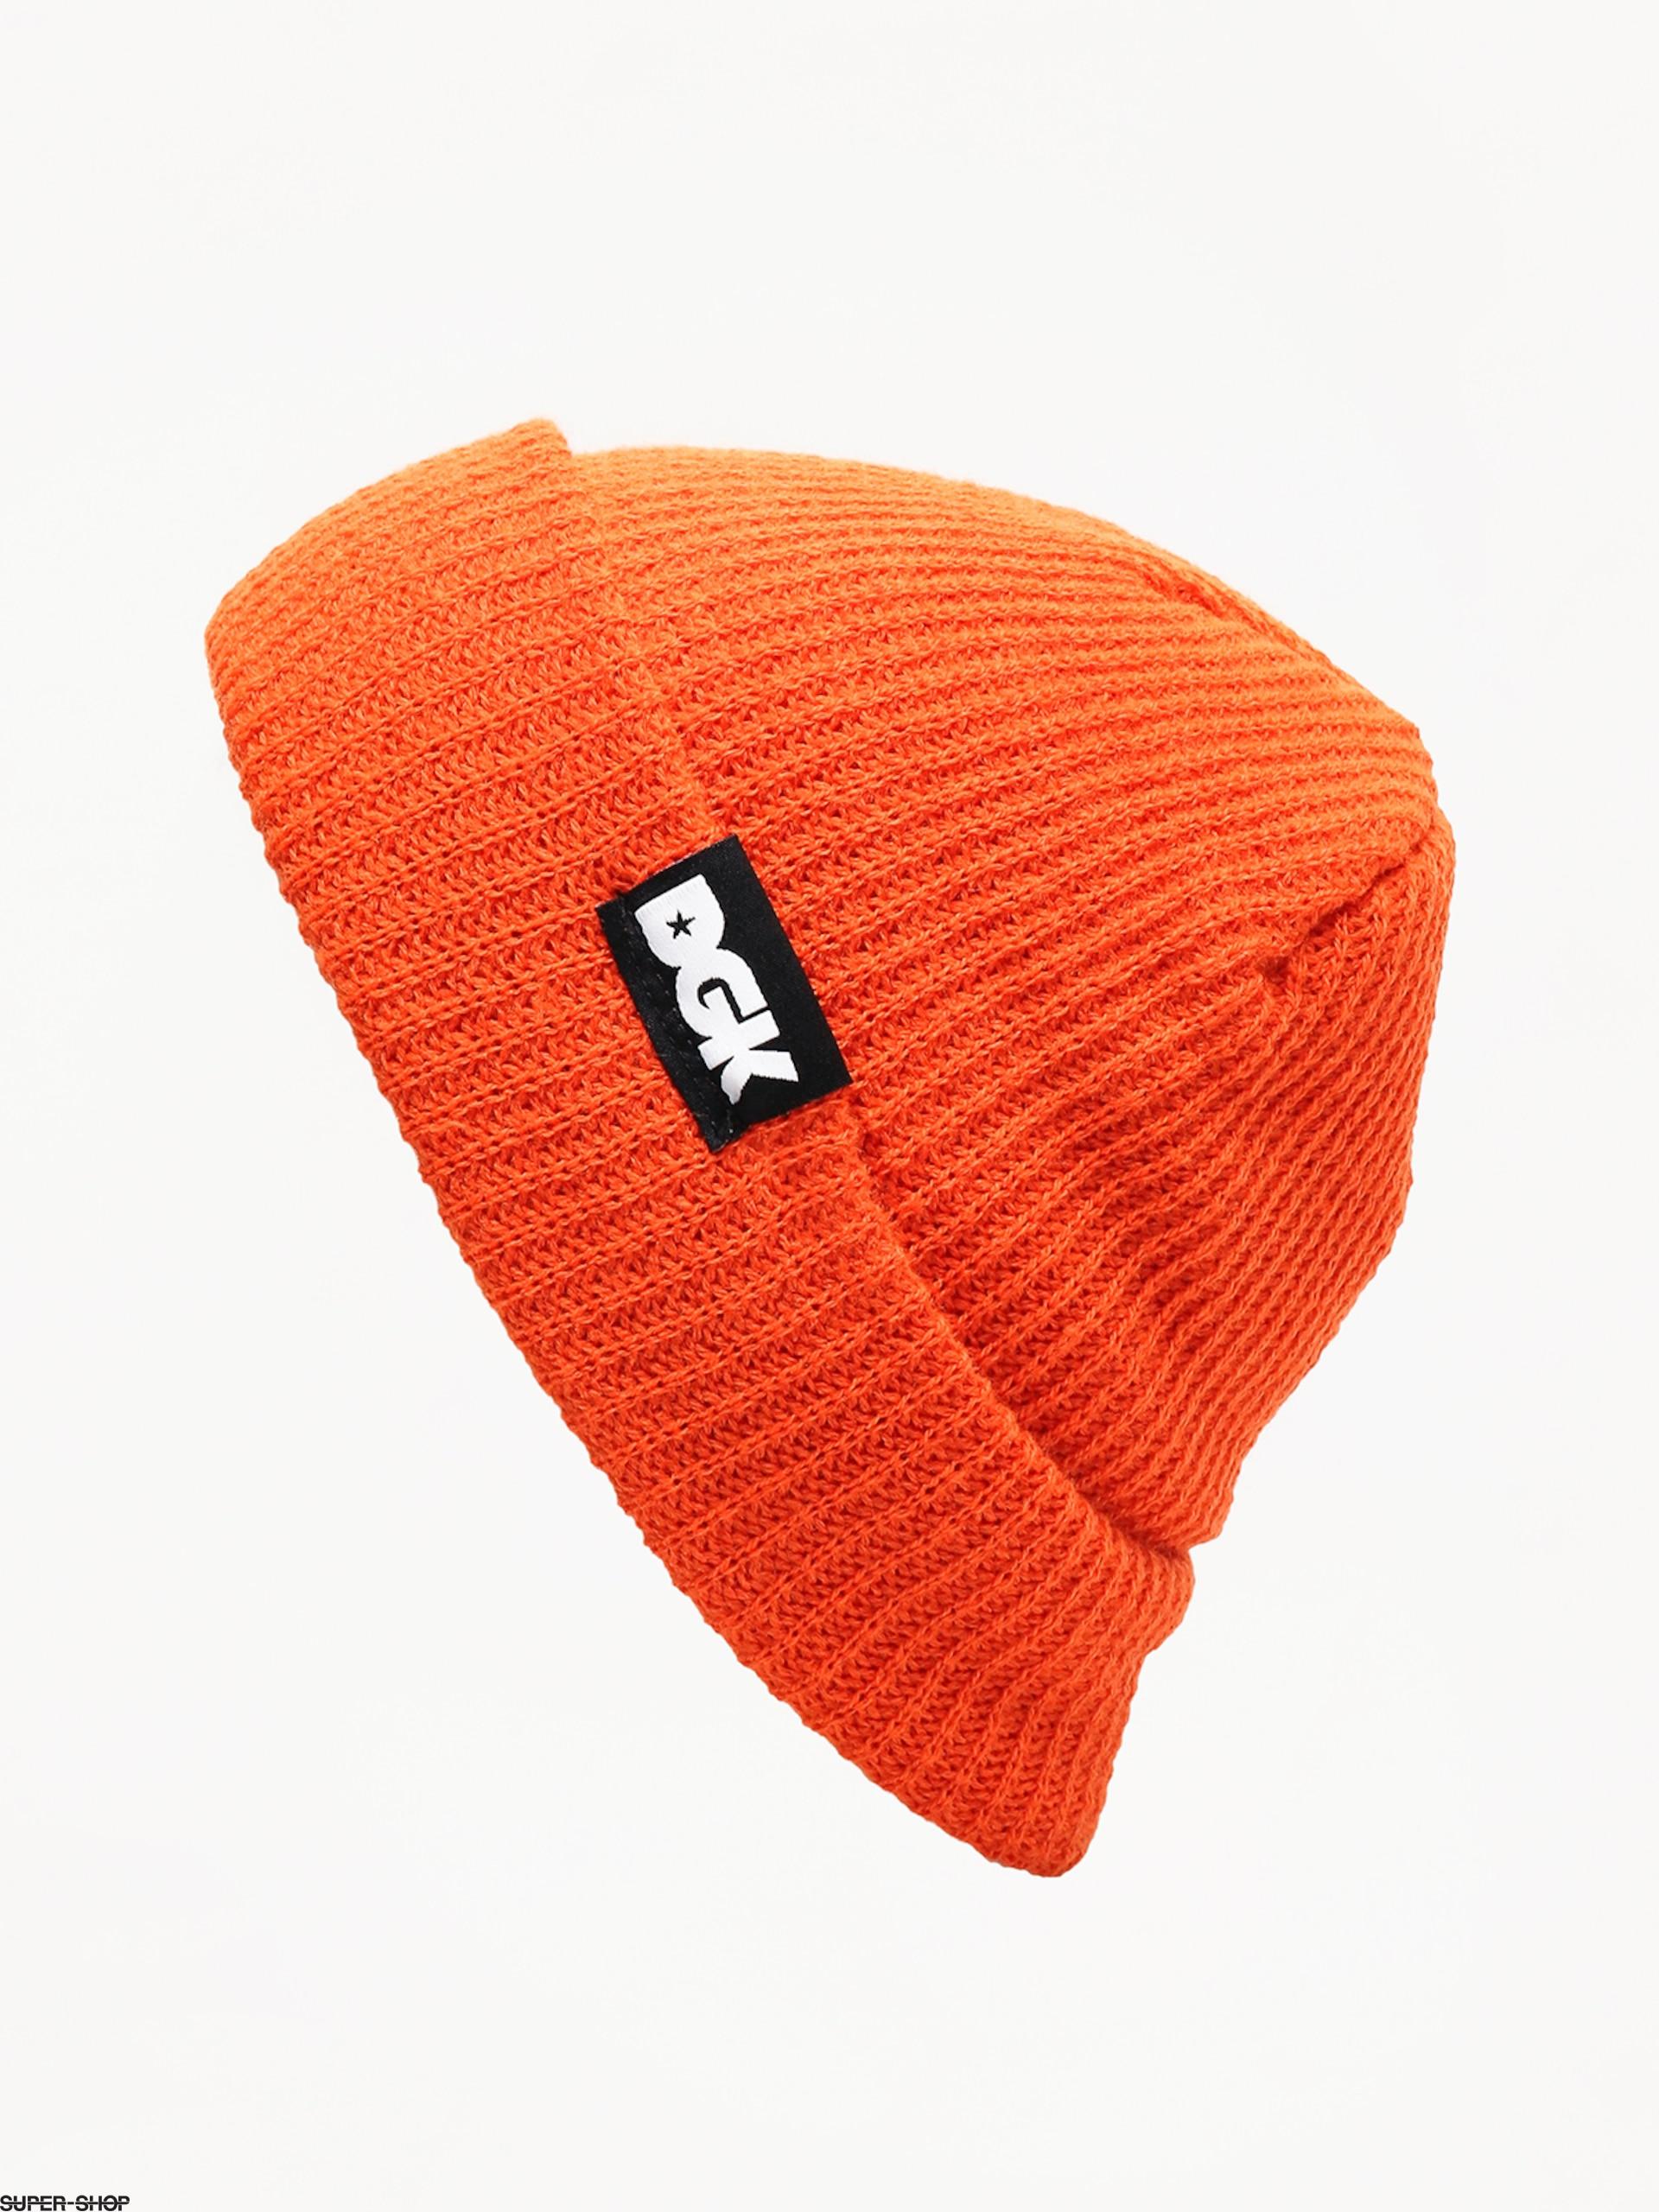 1013857-w1920-dgk-classic-beanie-beanie-orange.jpg d889327816e